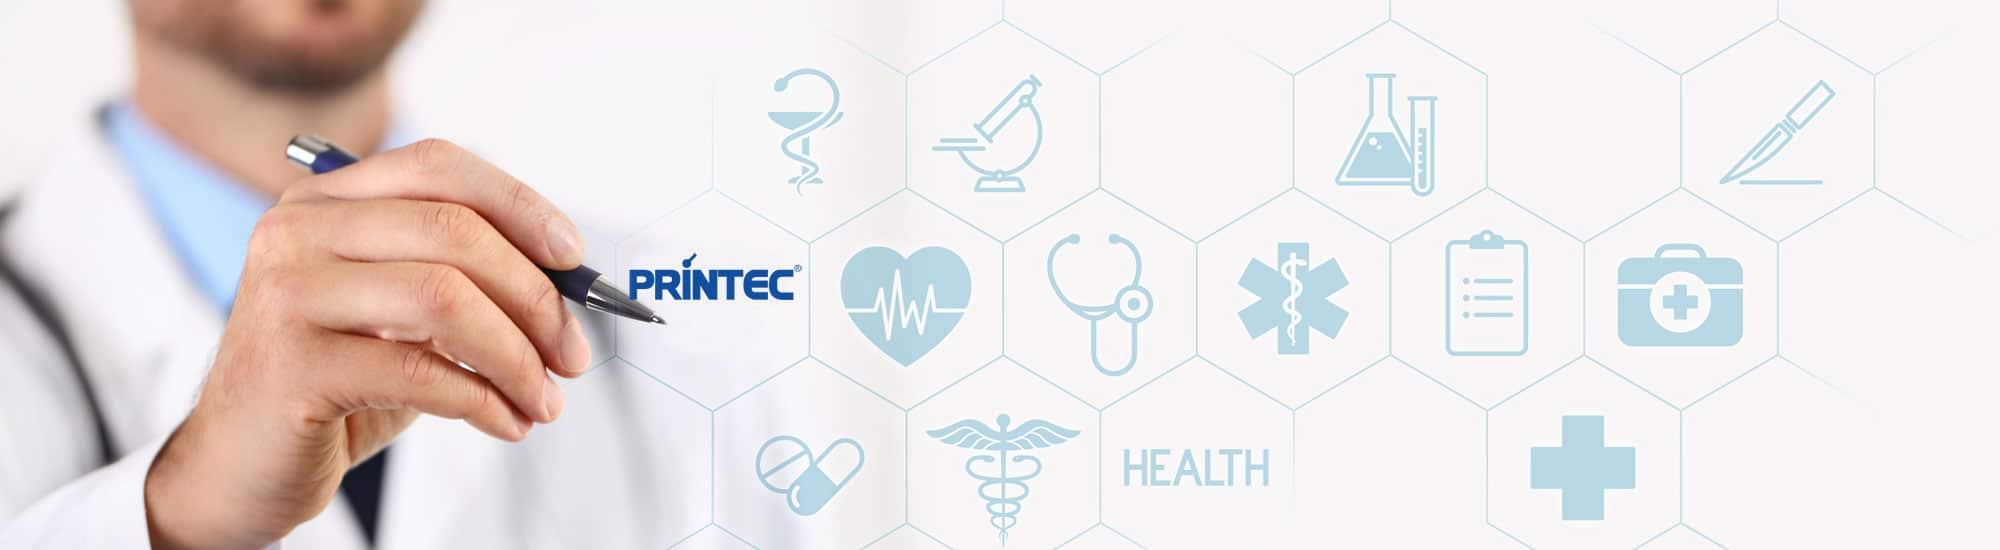 printec hc medical hmi manufacturer